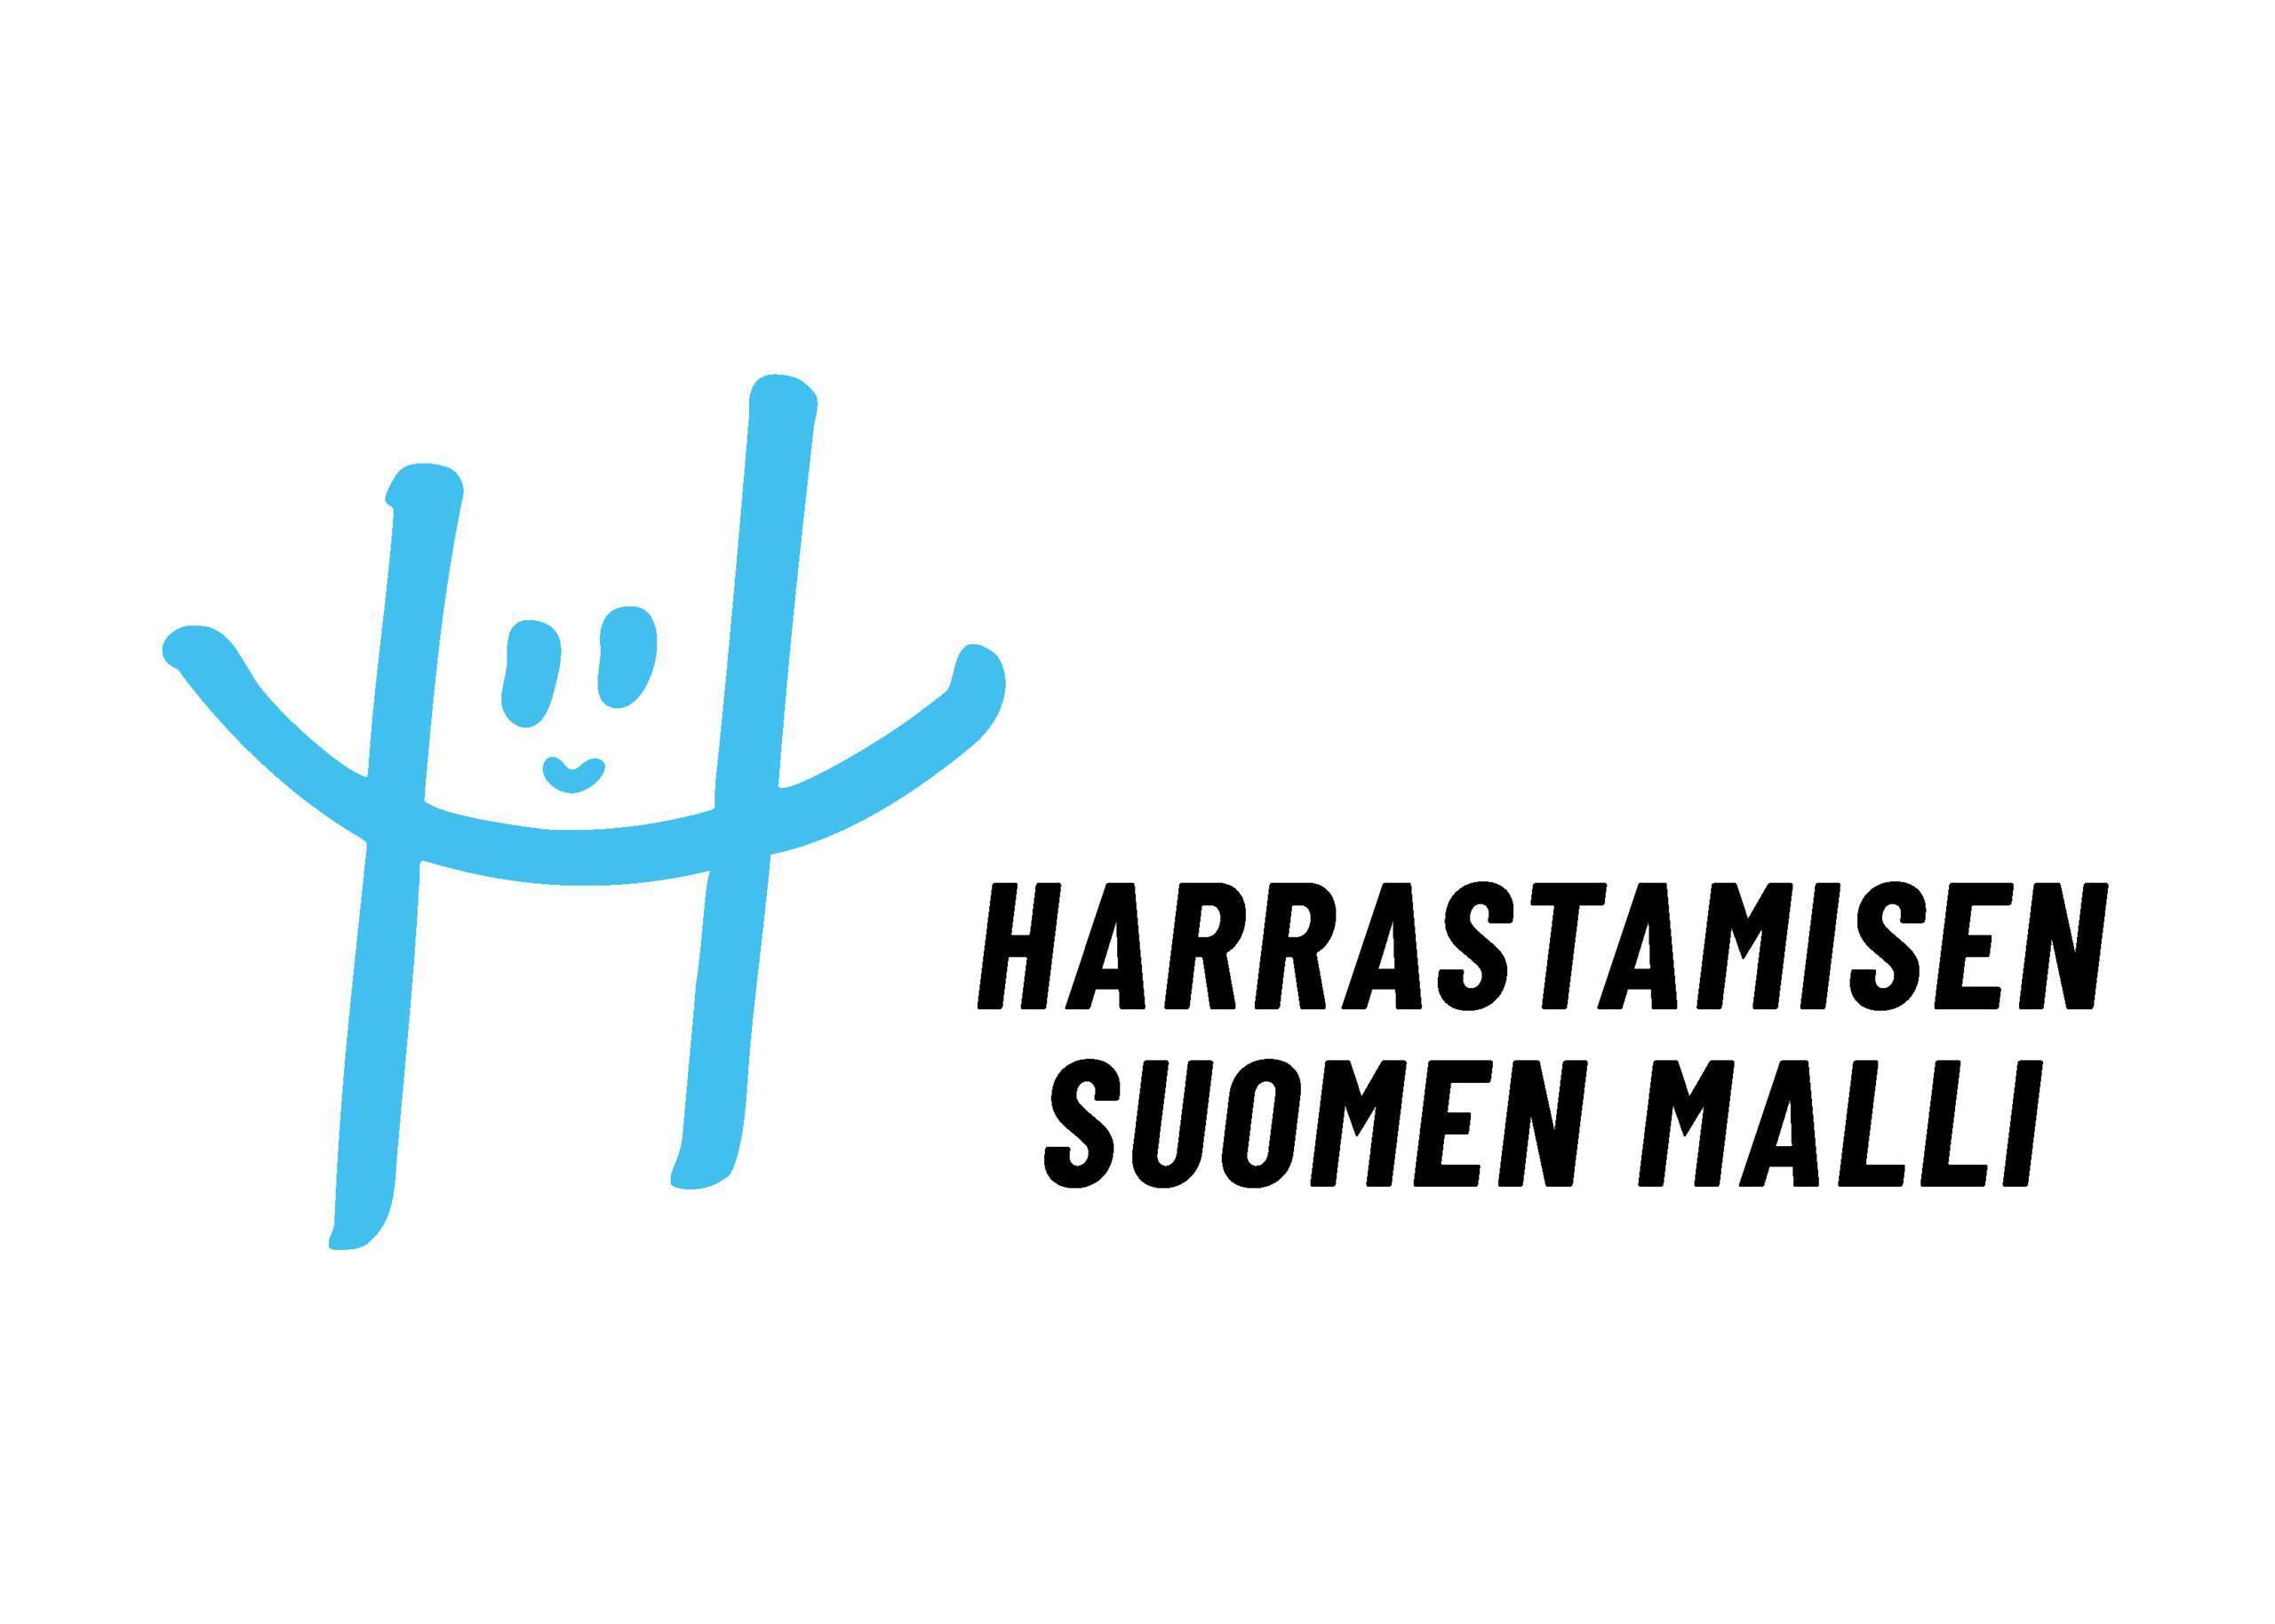 Harrastamisen Suomen mallin tunnus